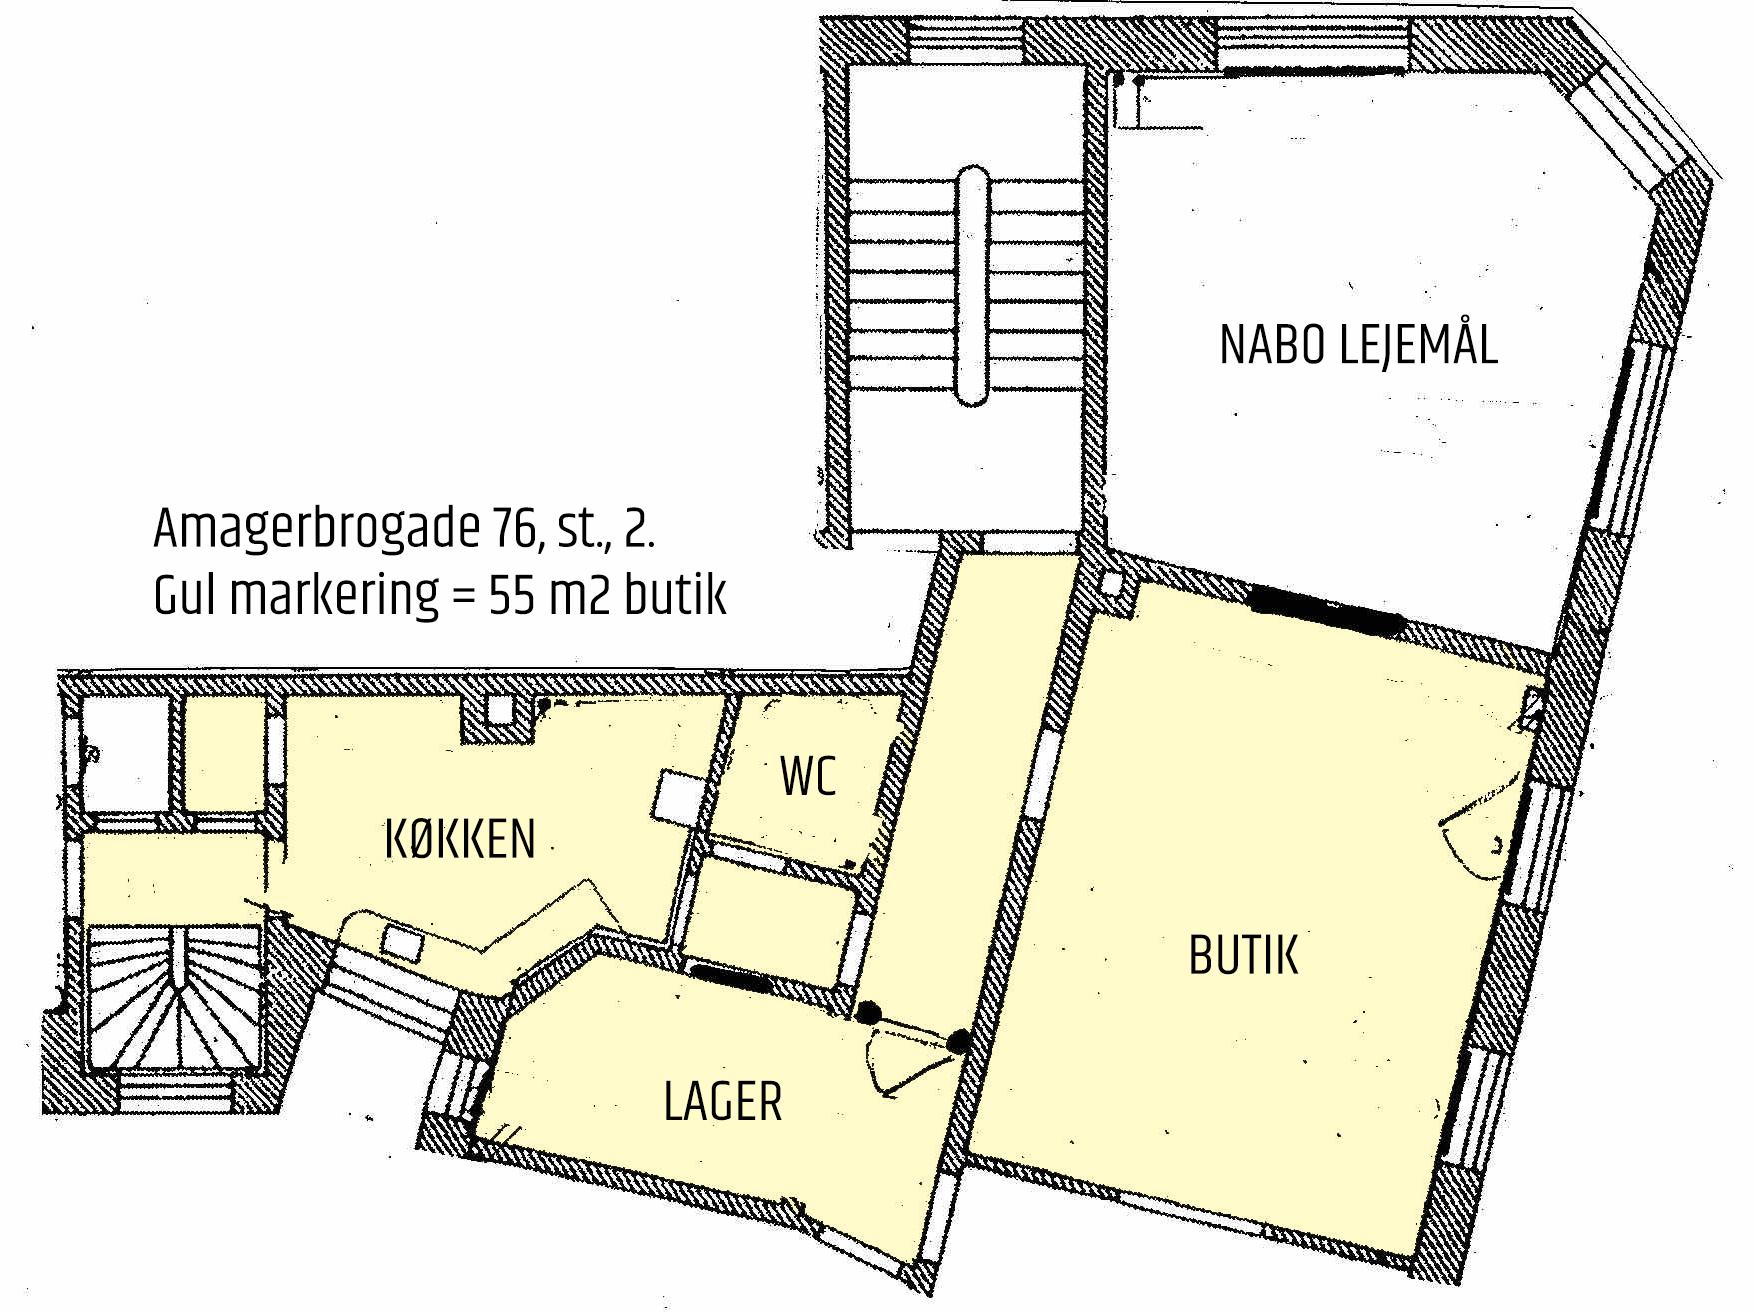 55 m2 erhvervsandel